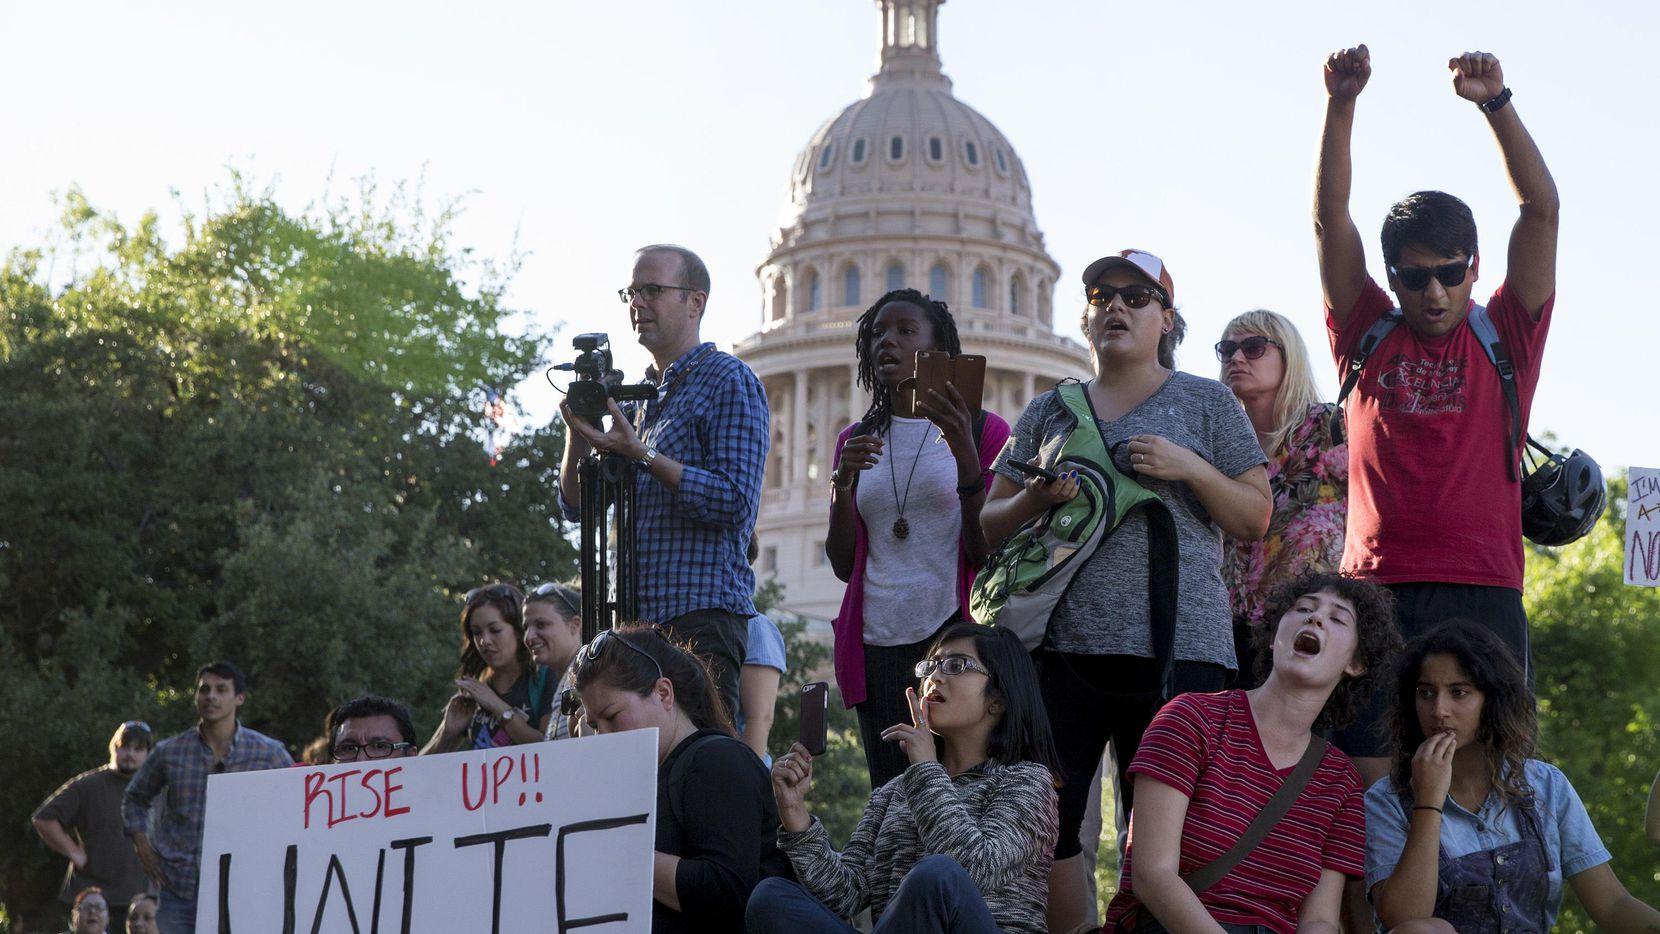 Unos manifestantes que están contra la medida SB4, se manifiestan afuera del edificio de Departamento de Seguros de Texas, donde el gobernador republicano, Greg Abbott, tiene su oficina en Austin, Texas. (AP/JAY JANNER)